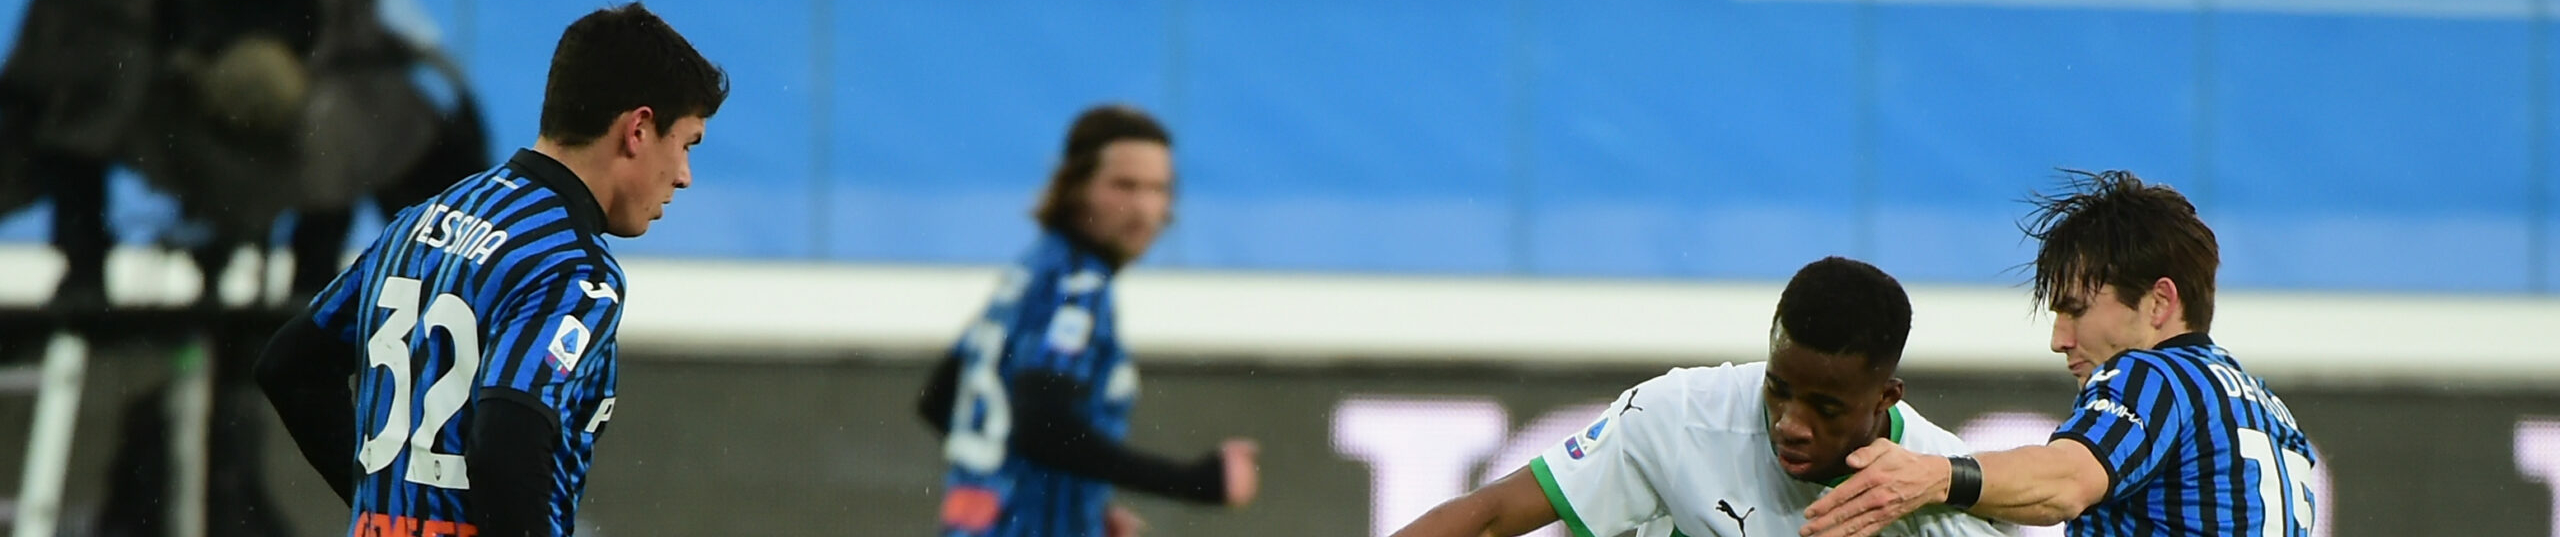 Sassuolo-Atalanta, la Dea vuole rinviare la festa dell'Inter